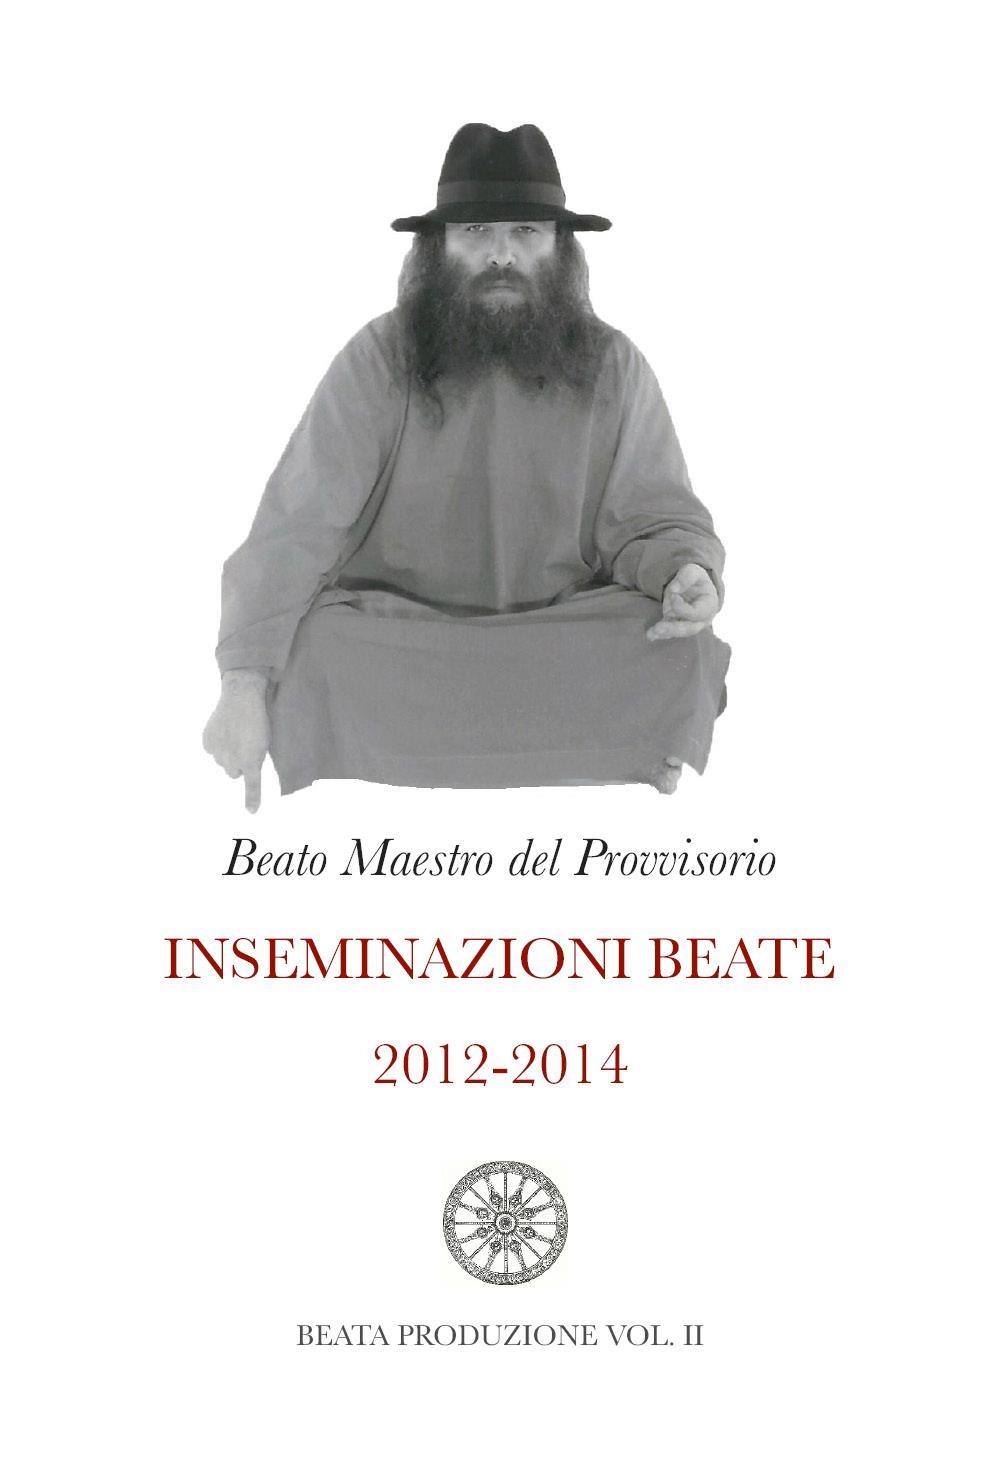 Inseminazioni Beate 2012-2014